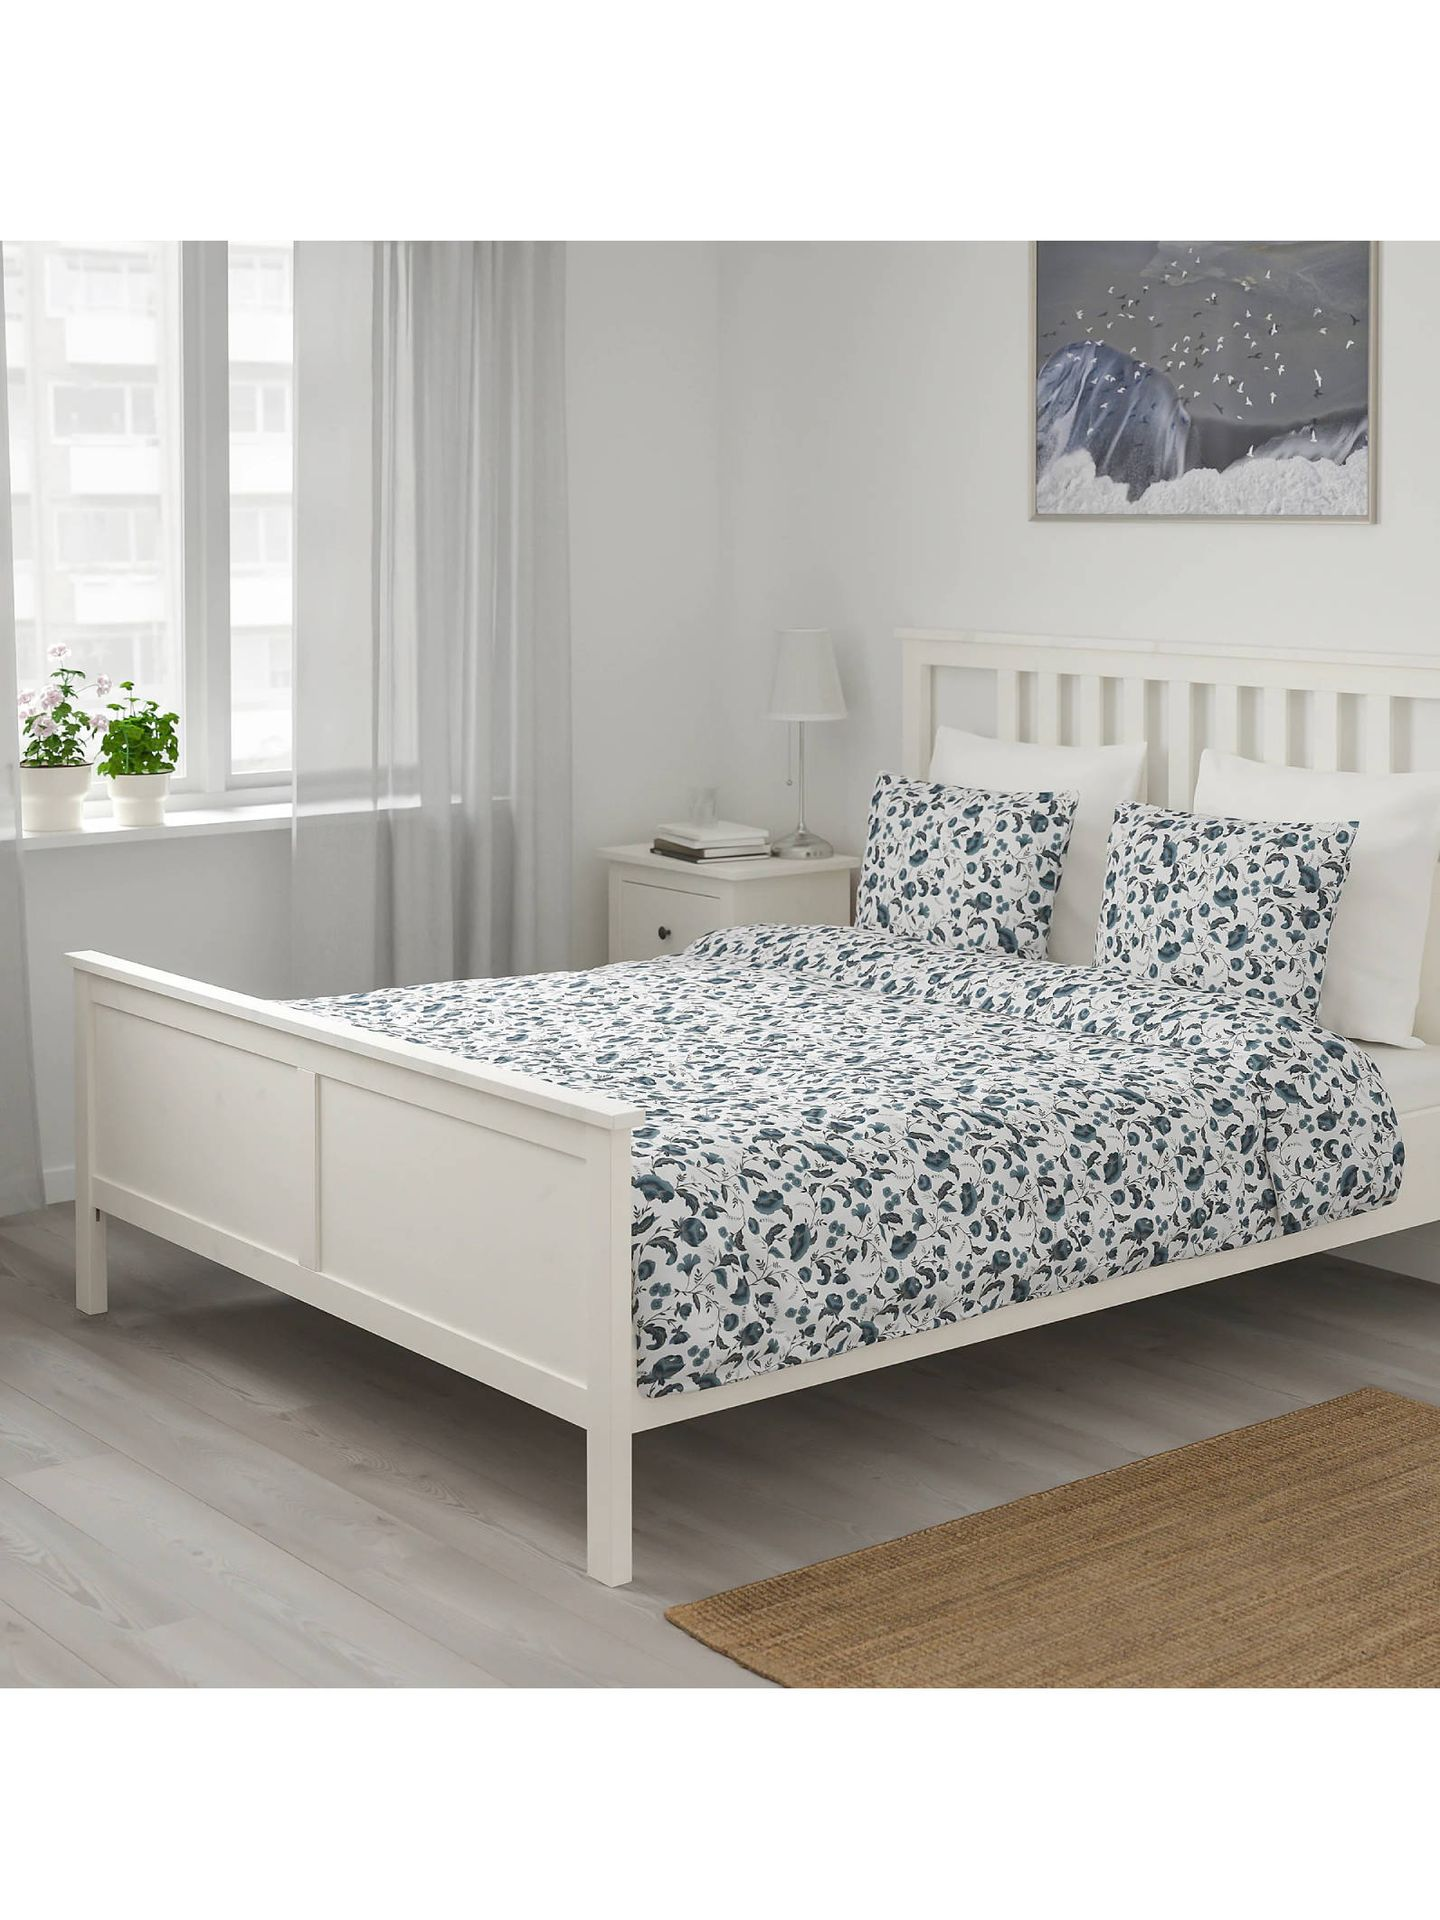 Fundas nórdicas de Ikea para tu dormitorio. (Cortesía)